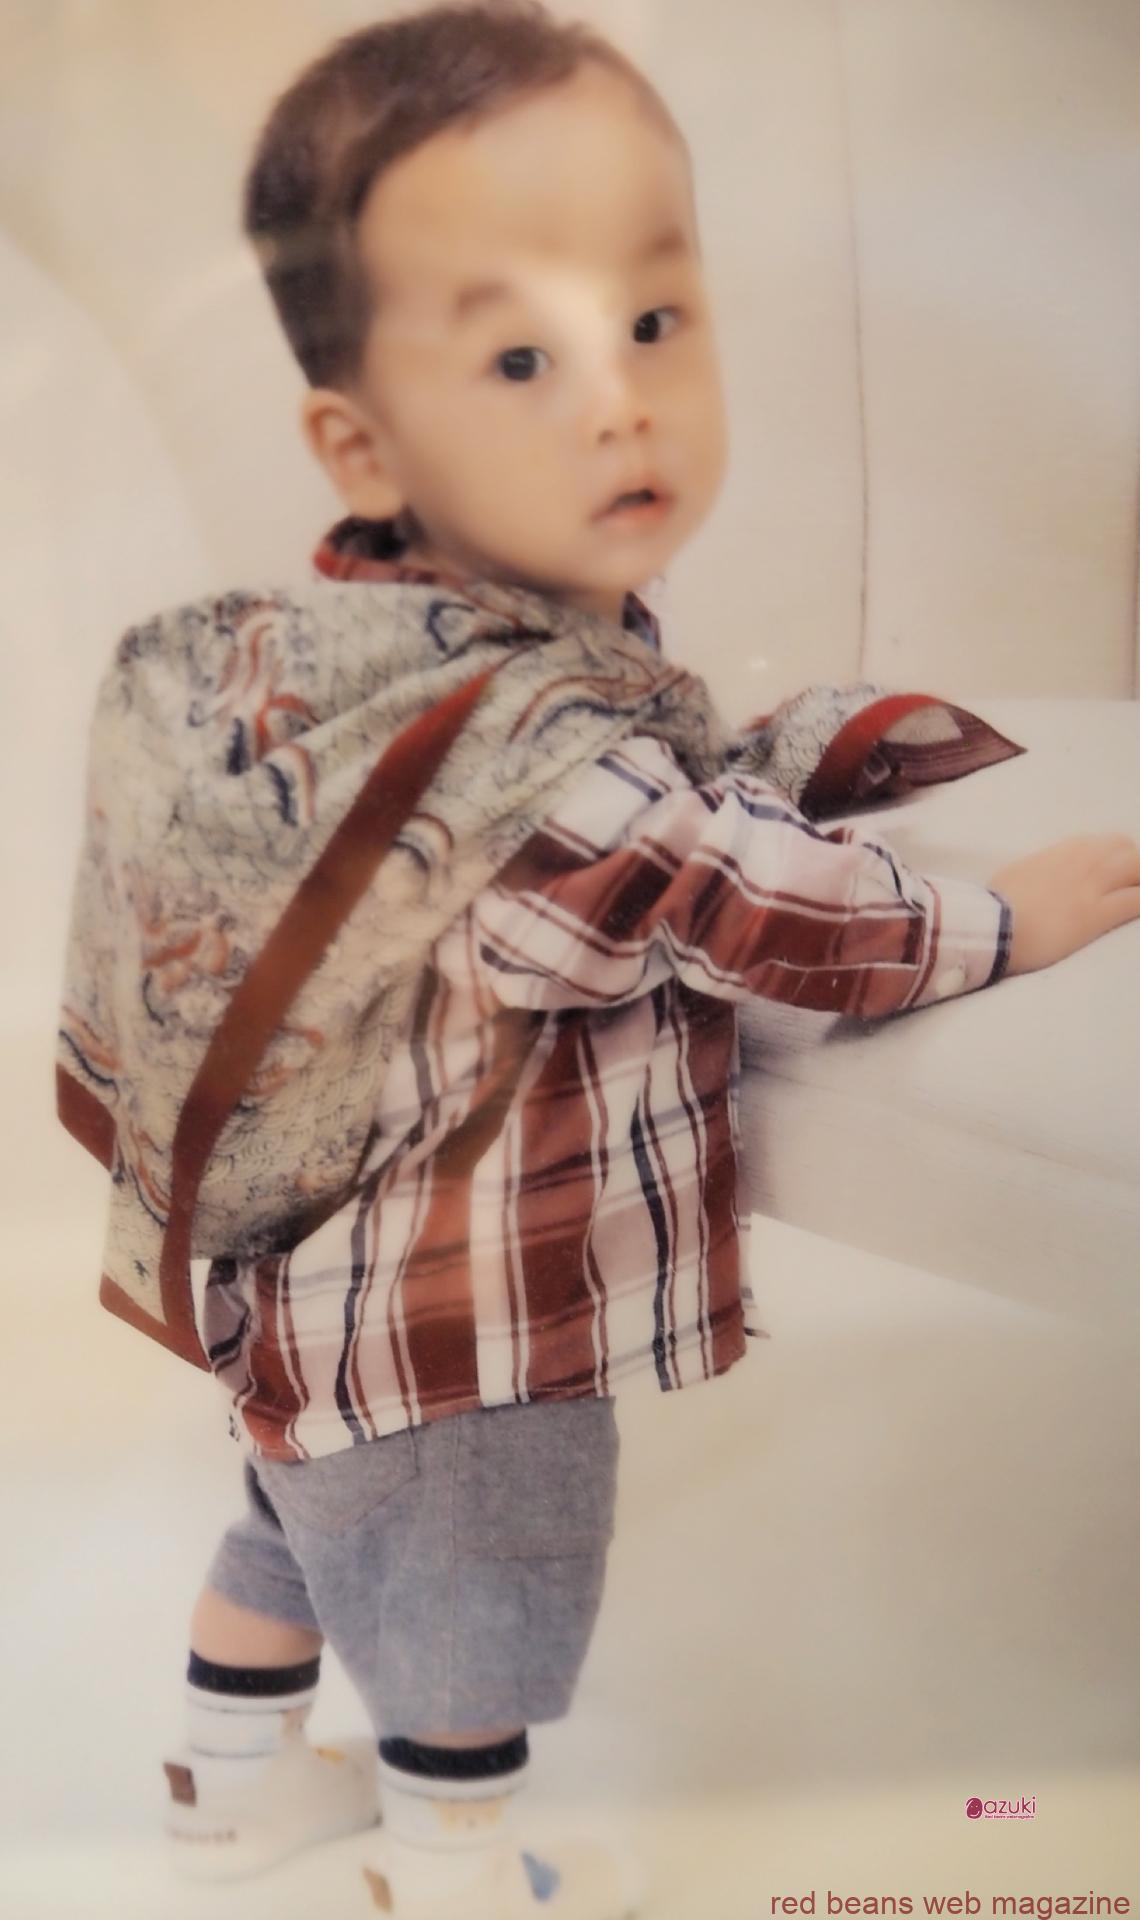 1歳のおいわいのとき、一升餅を背負っているお子さんの姿。